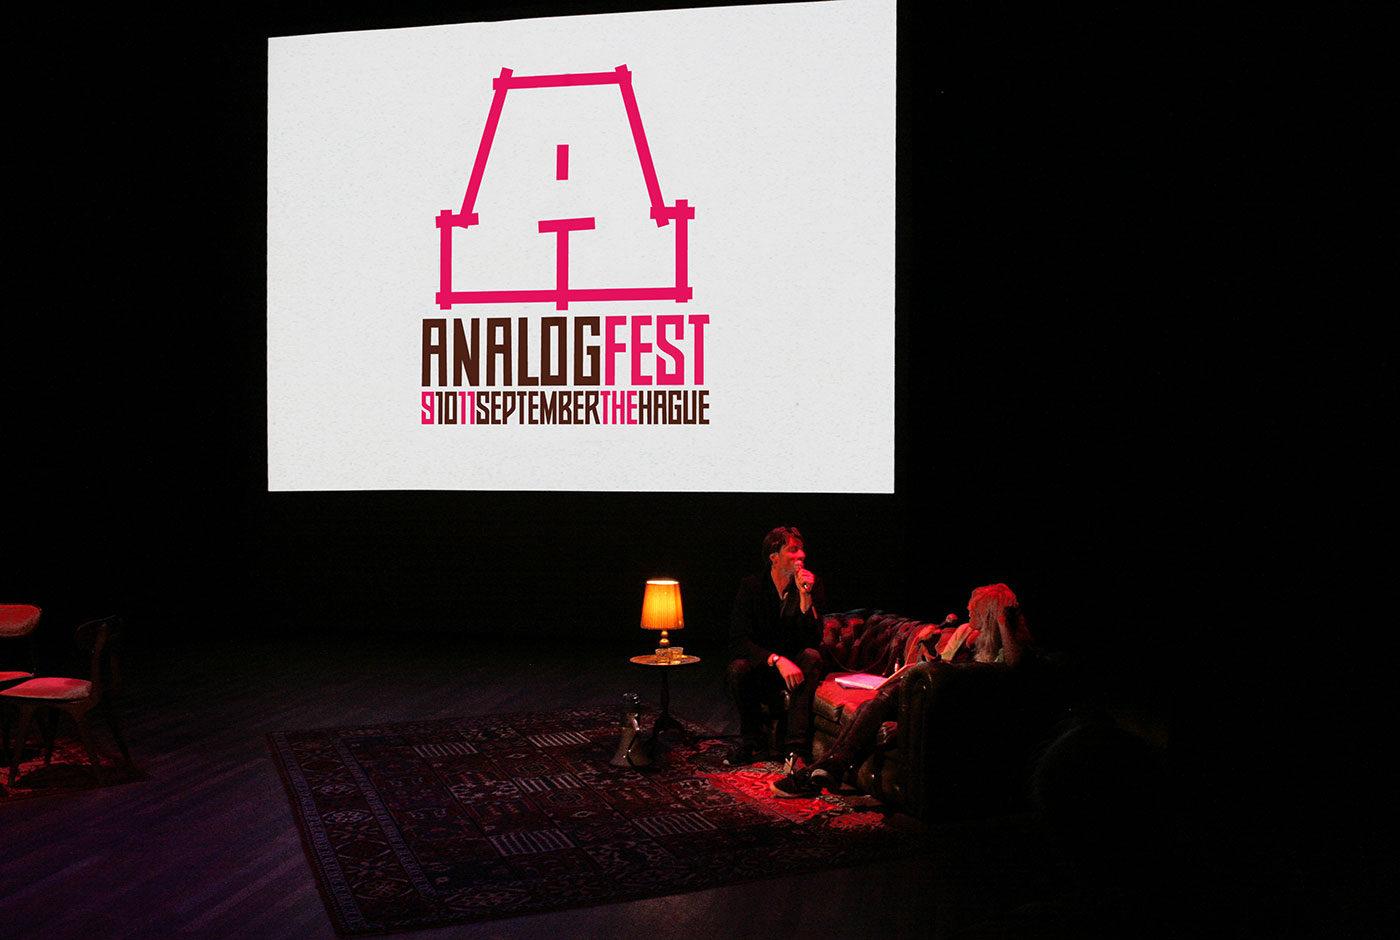 AnalogFest